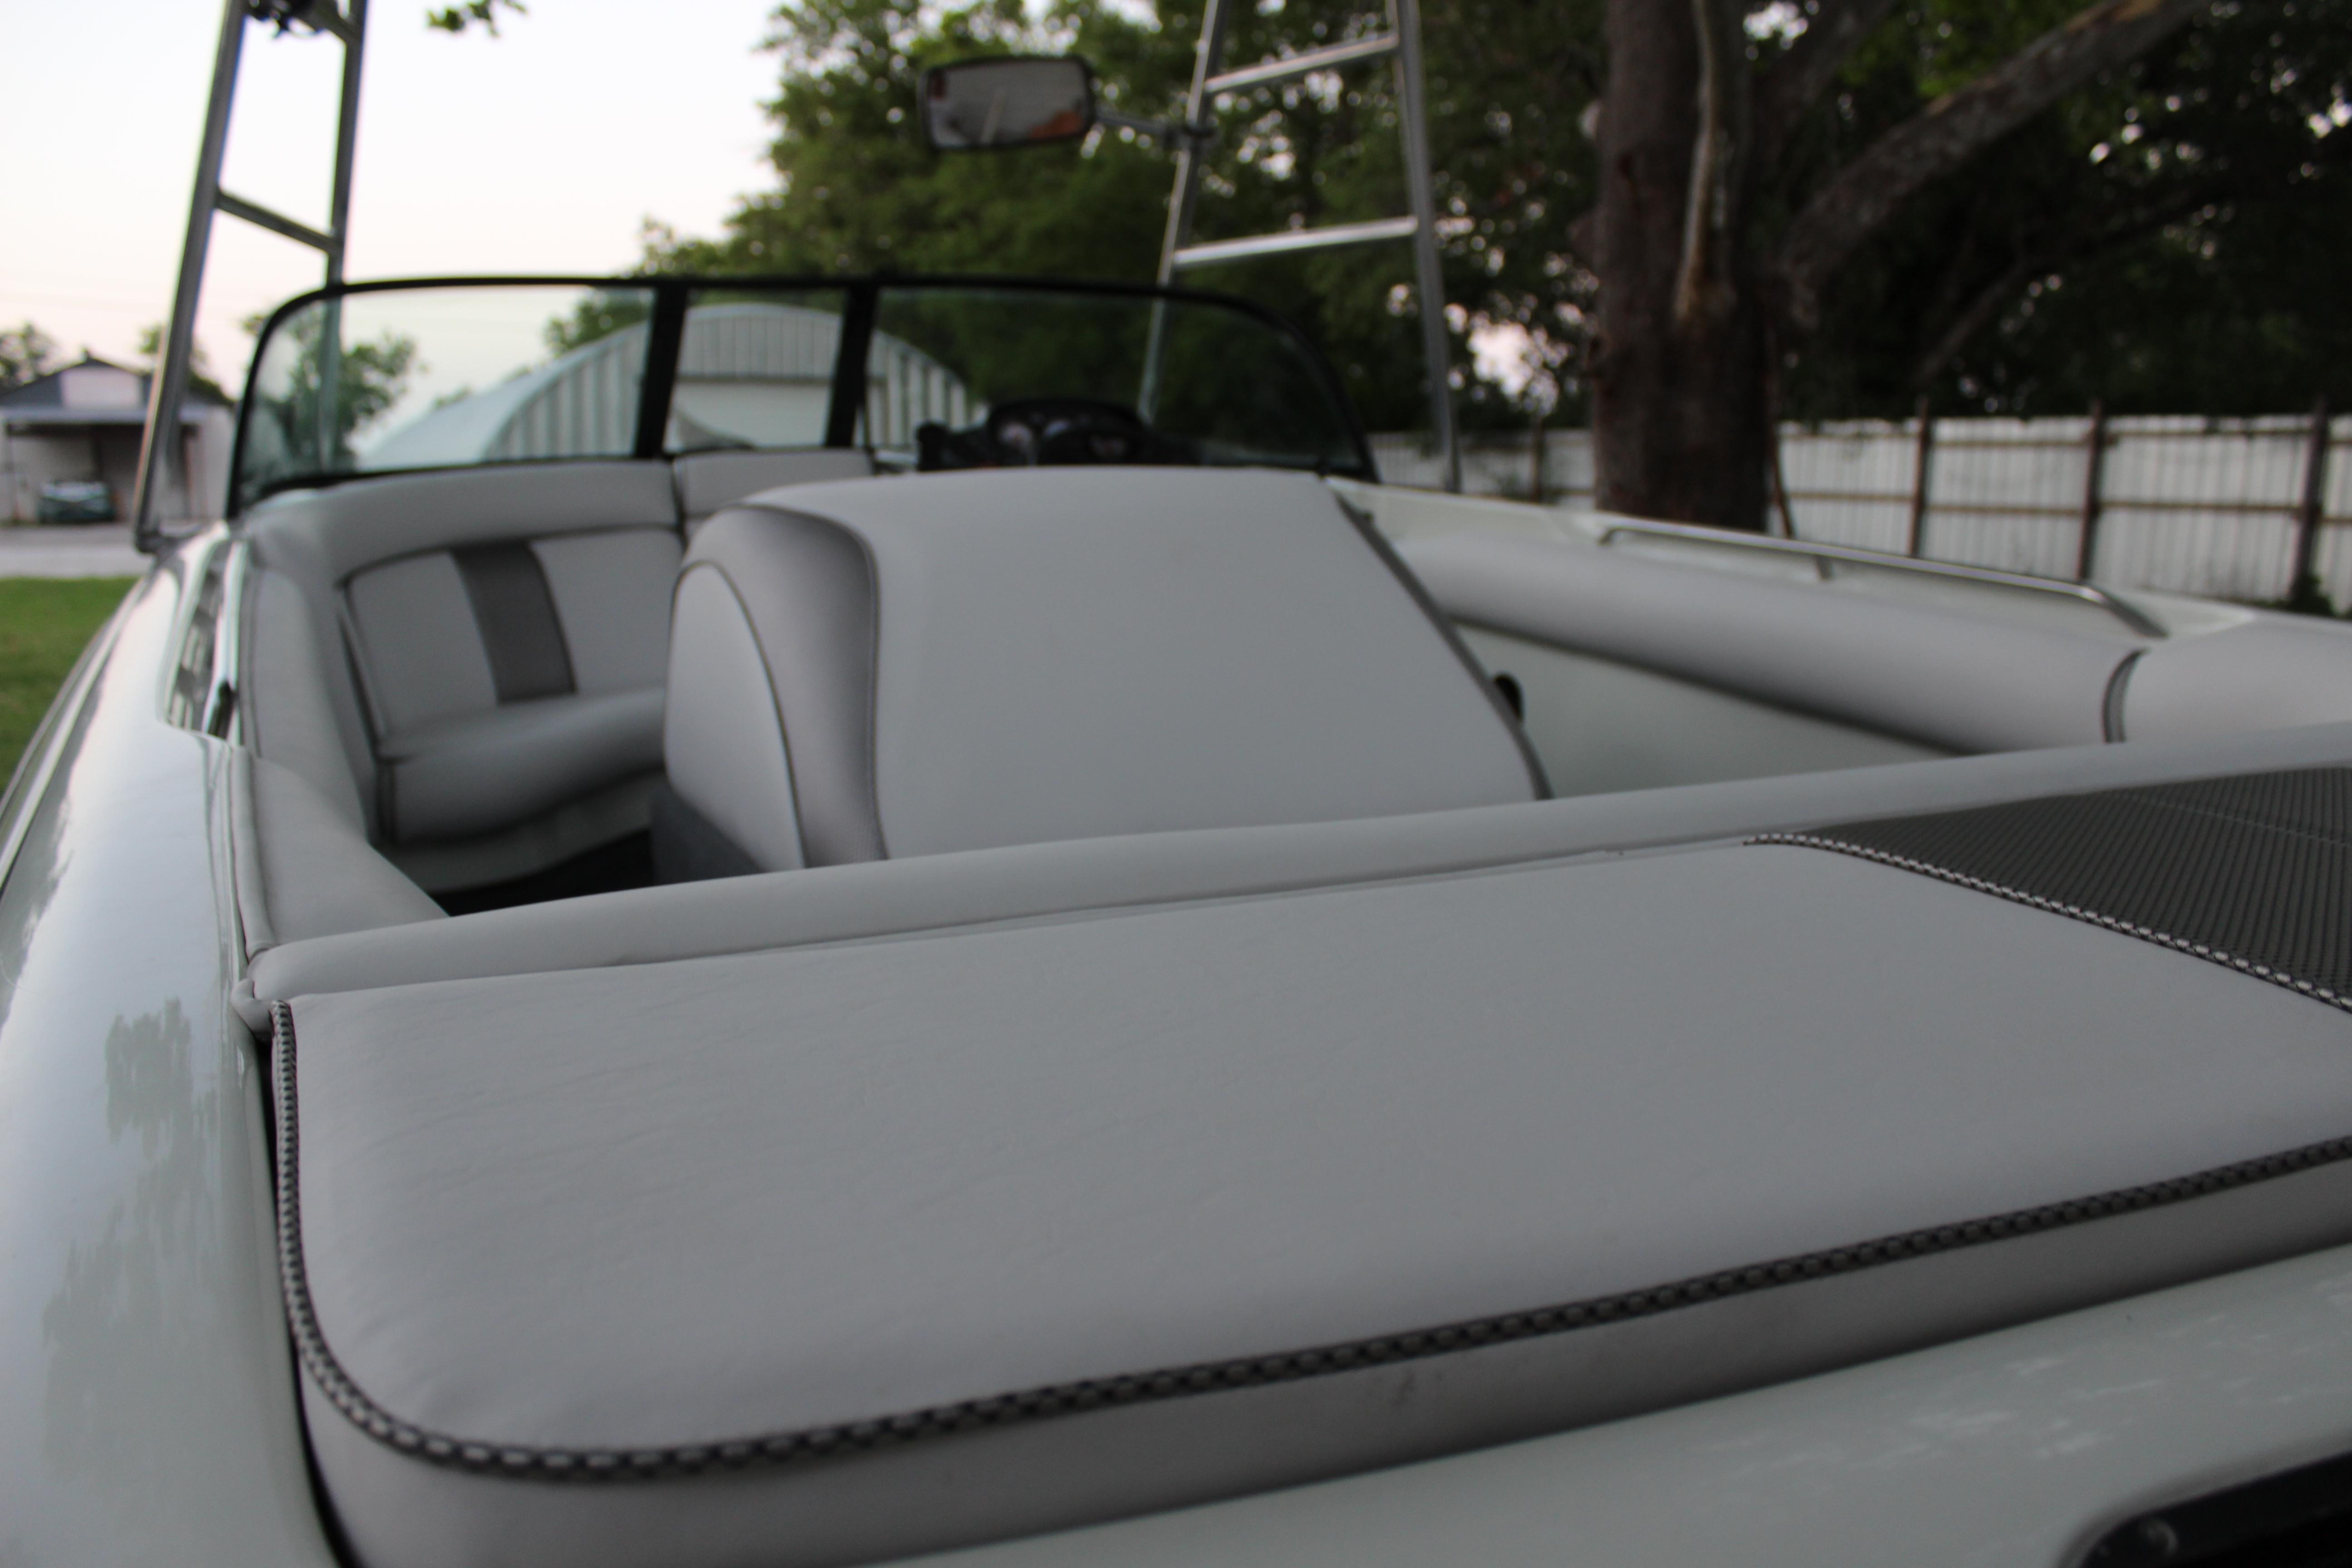 Malibu Ski Boat Boat Upholstery Austin Tx Grateful